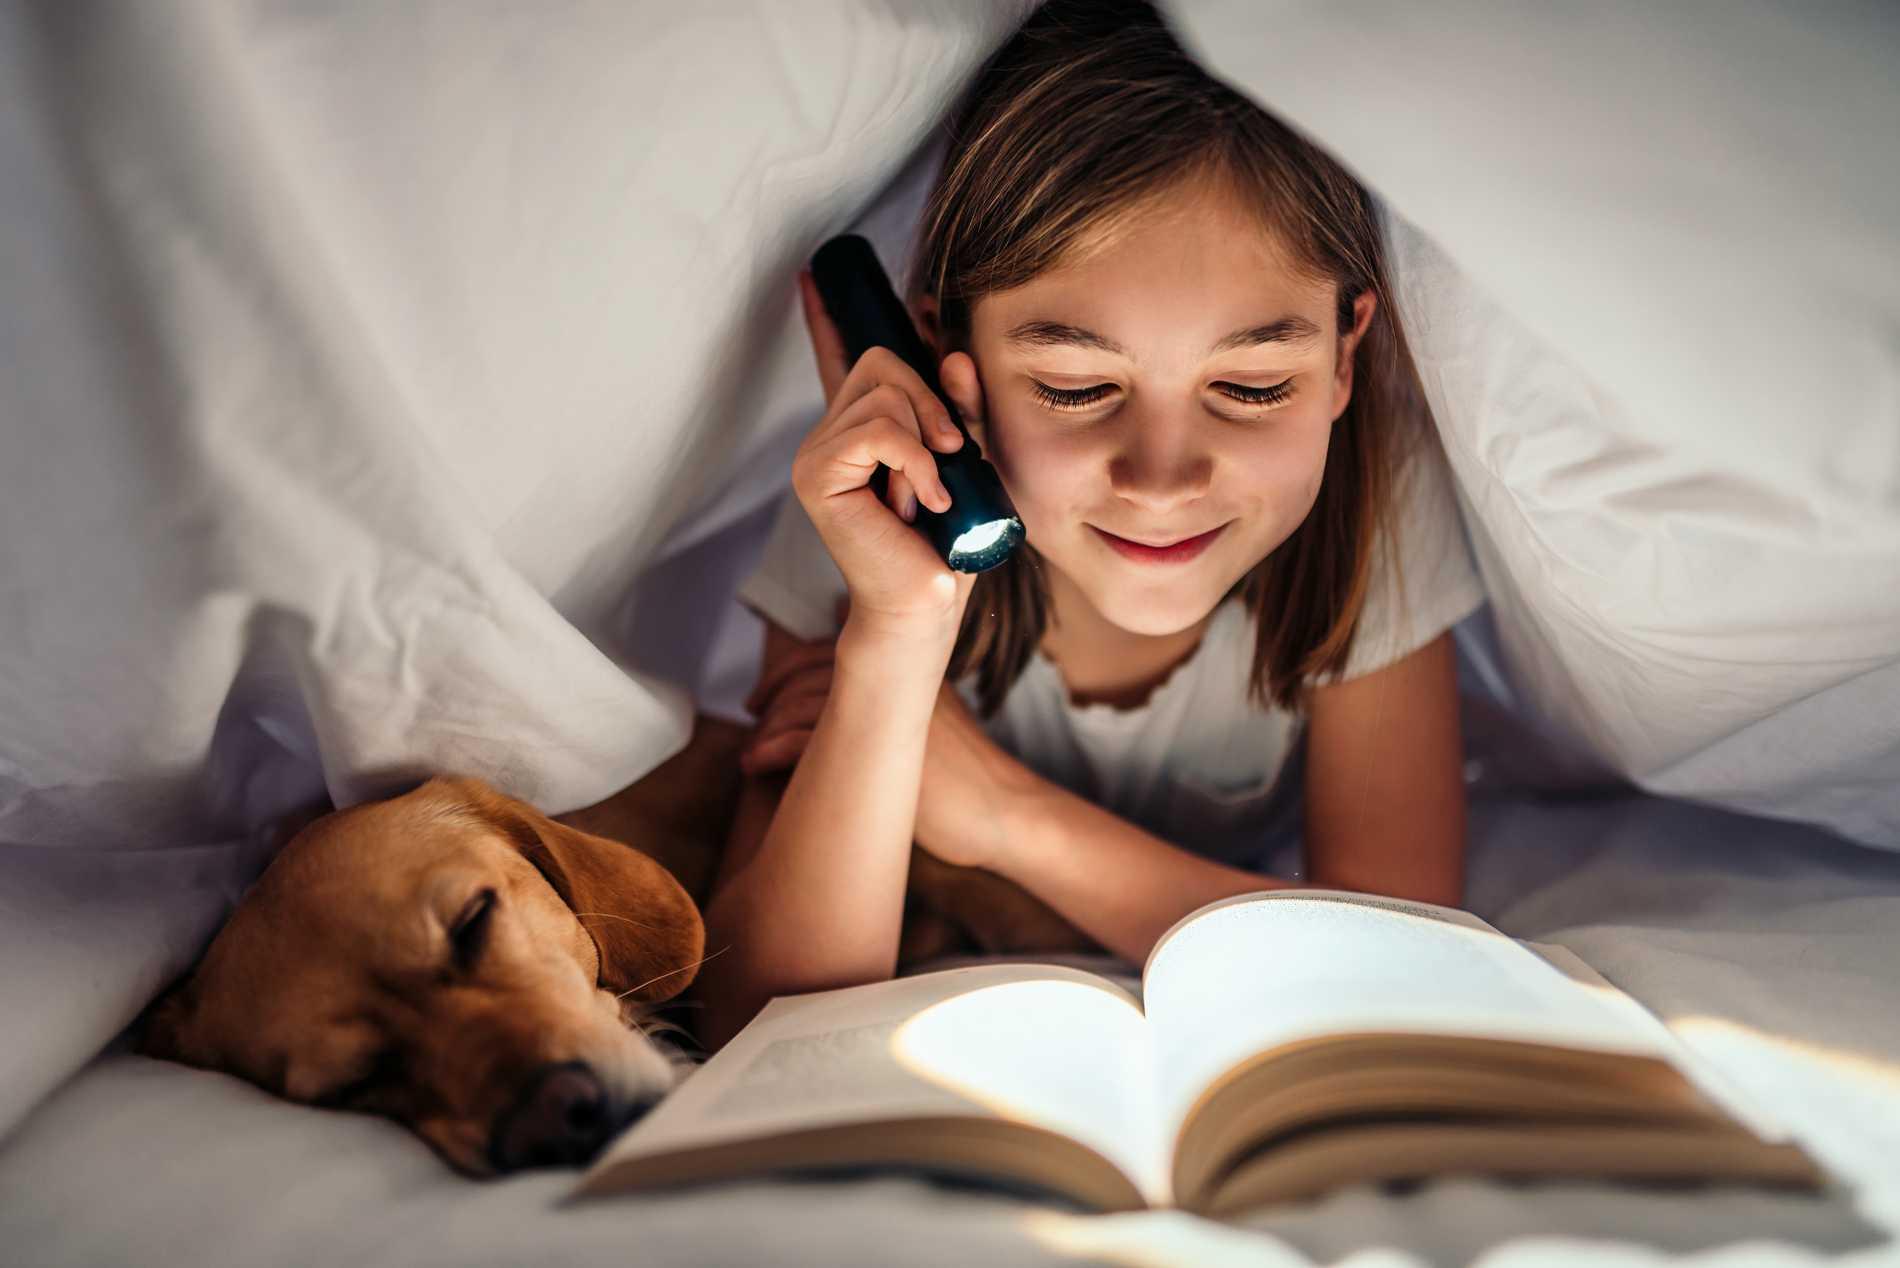 Om barnet kan läsa själv är det läge att plocka fram dina gamla favoriterböcker, kanske?